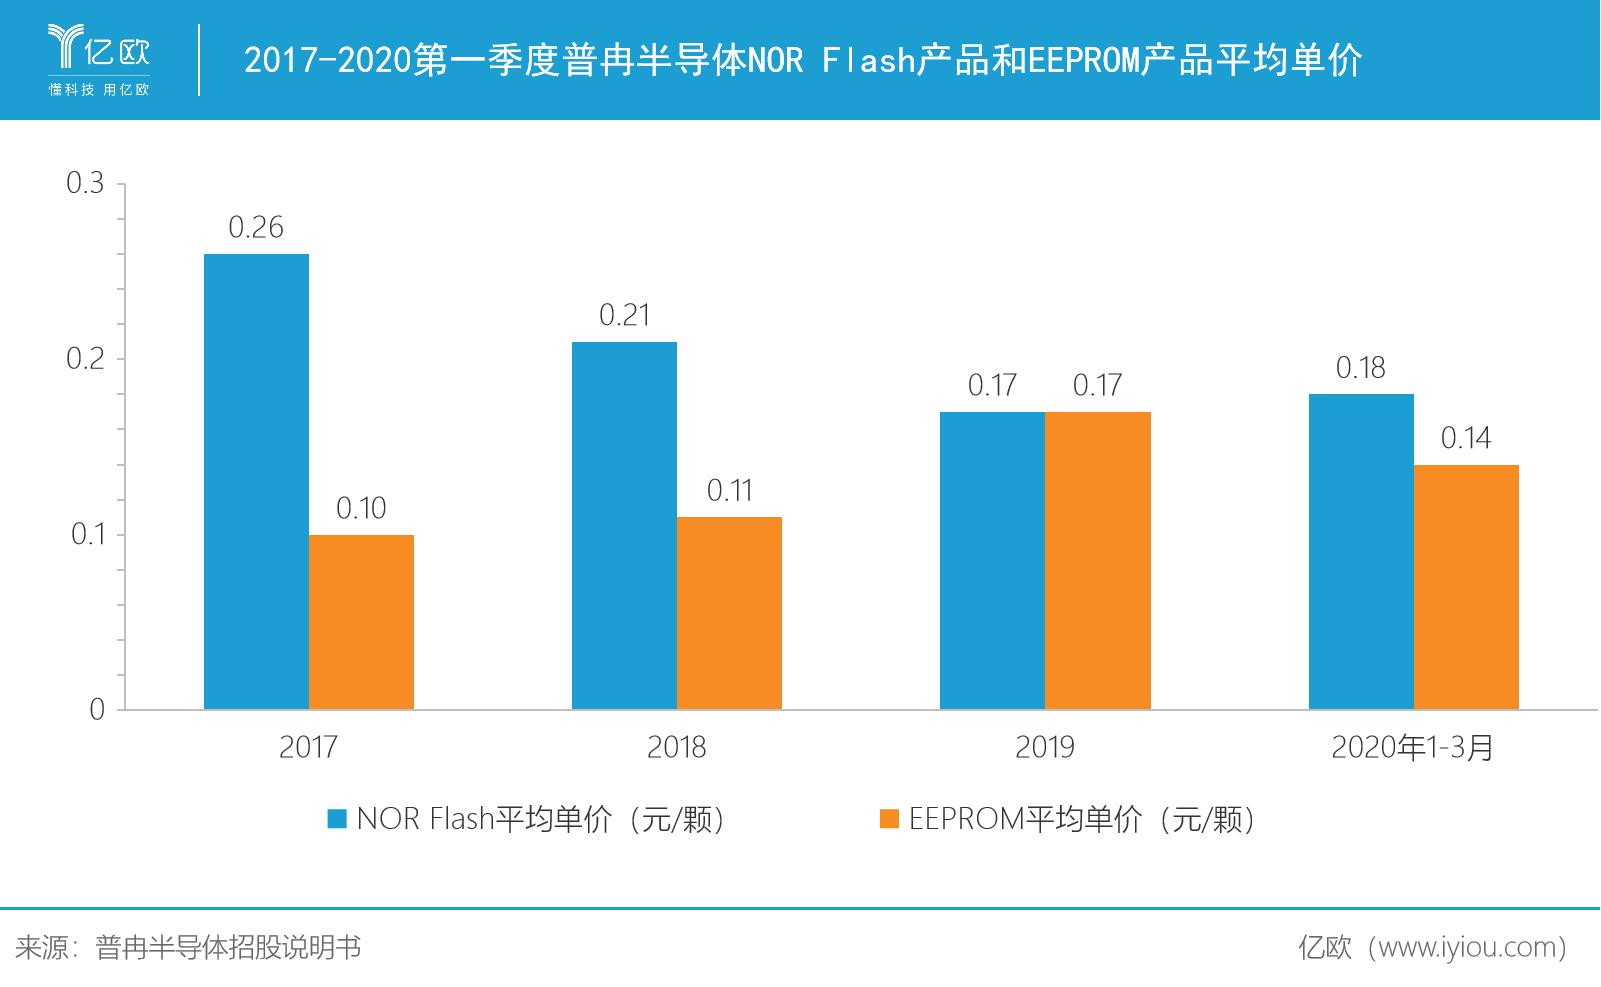 2017-2020第一季度普冉半导体NOR Flash产品和EEPROM产品平均单价